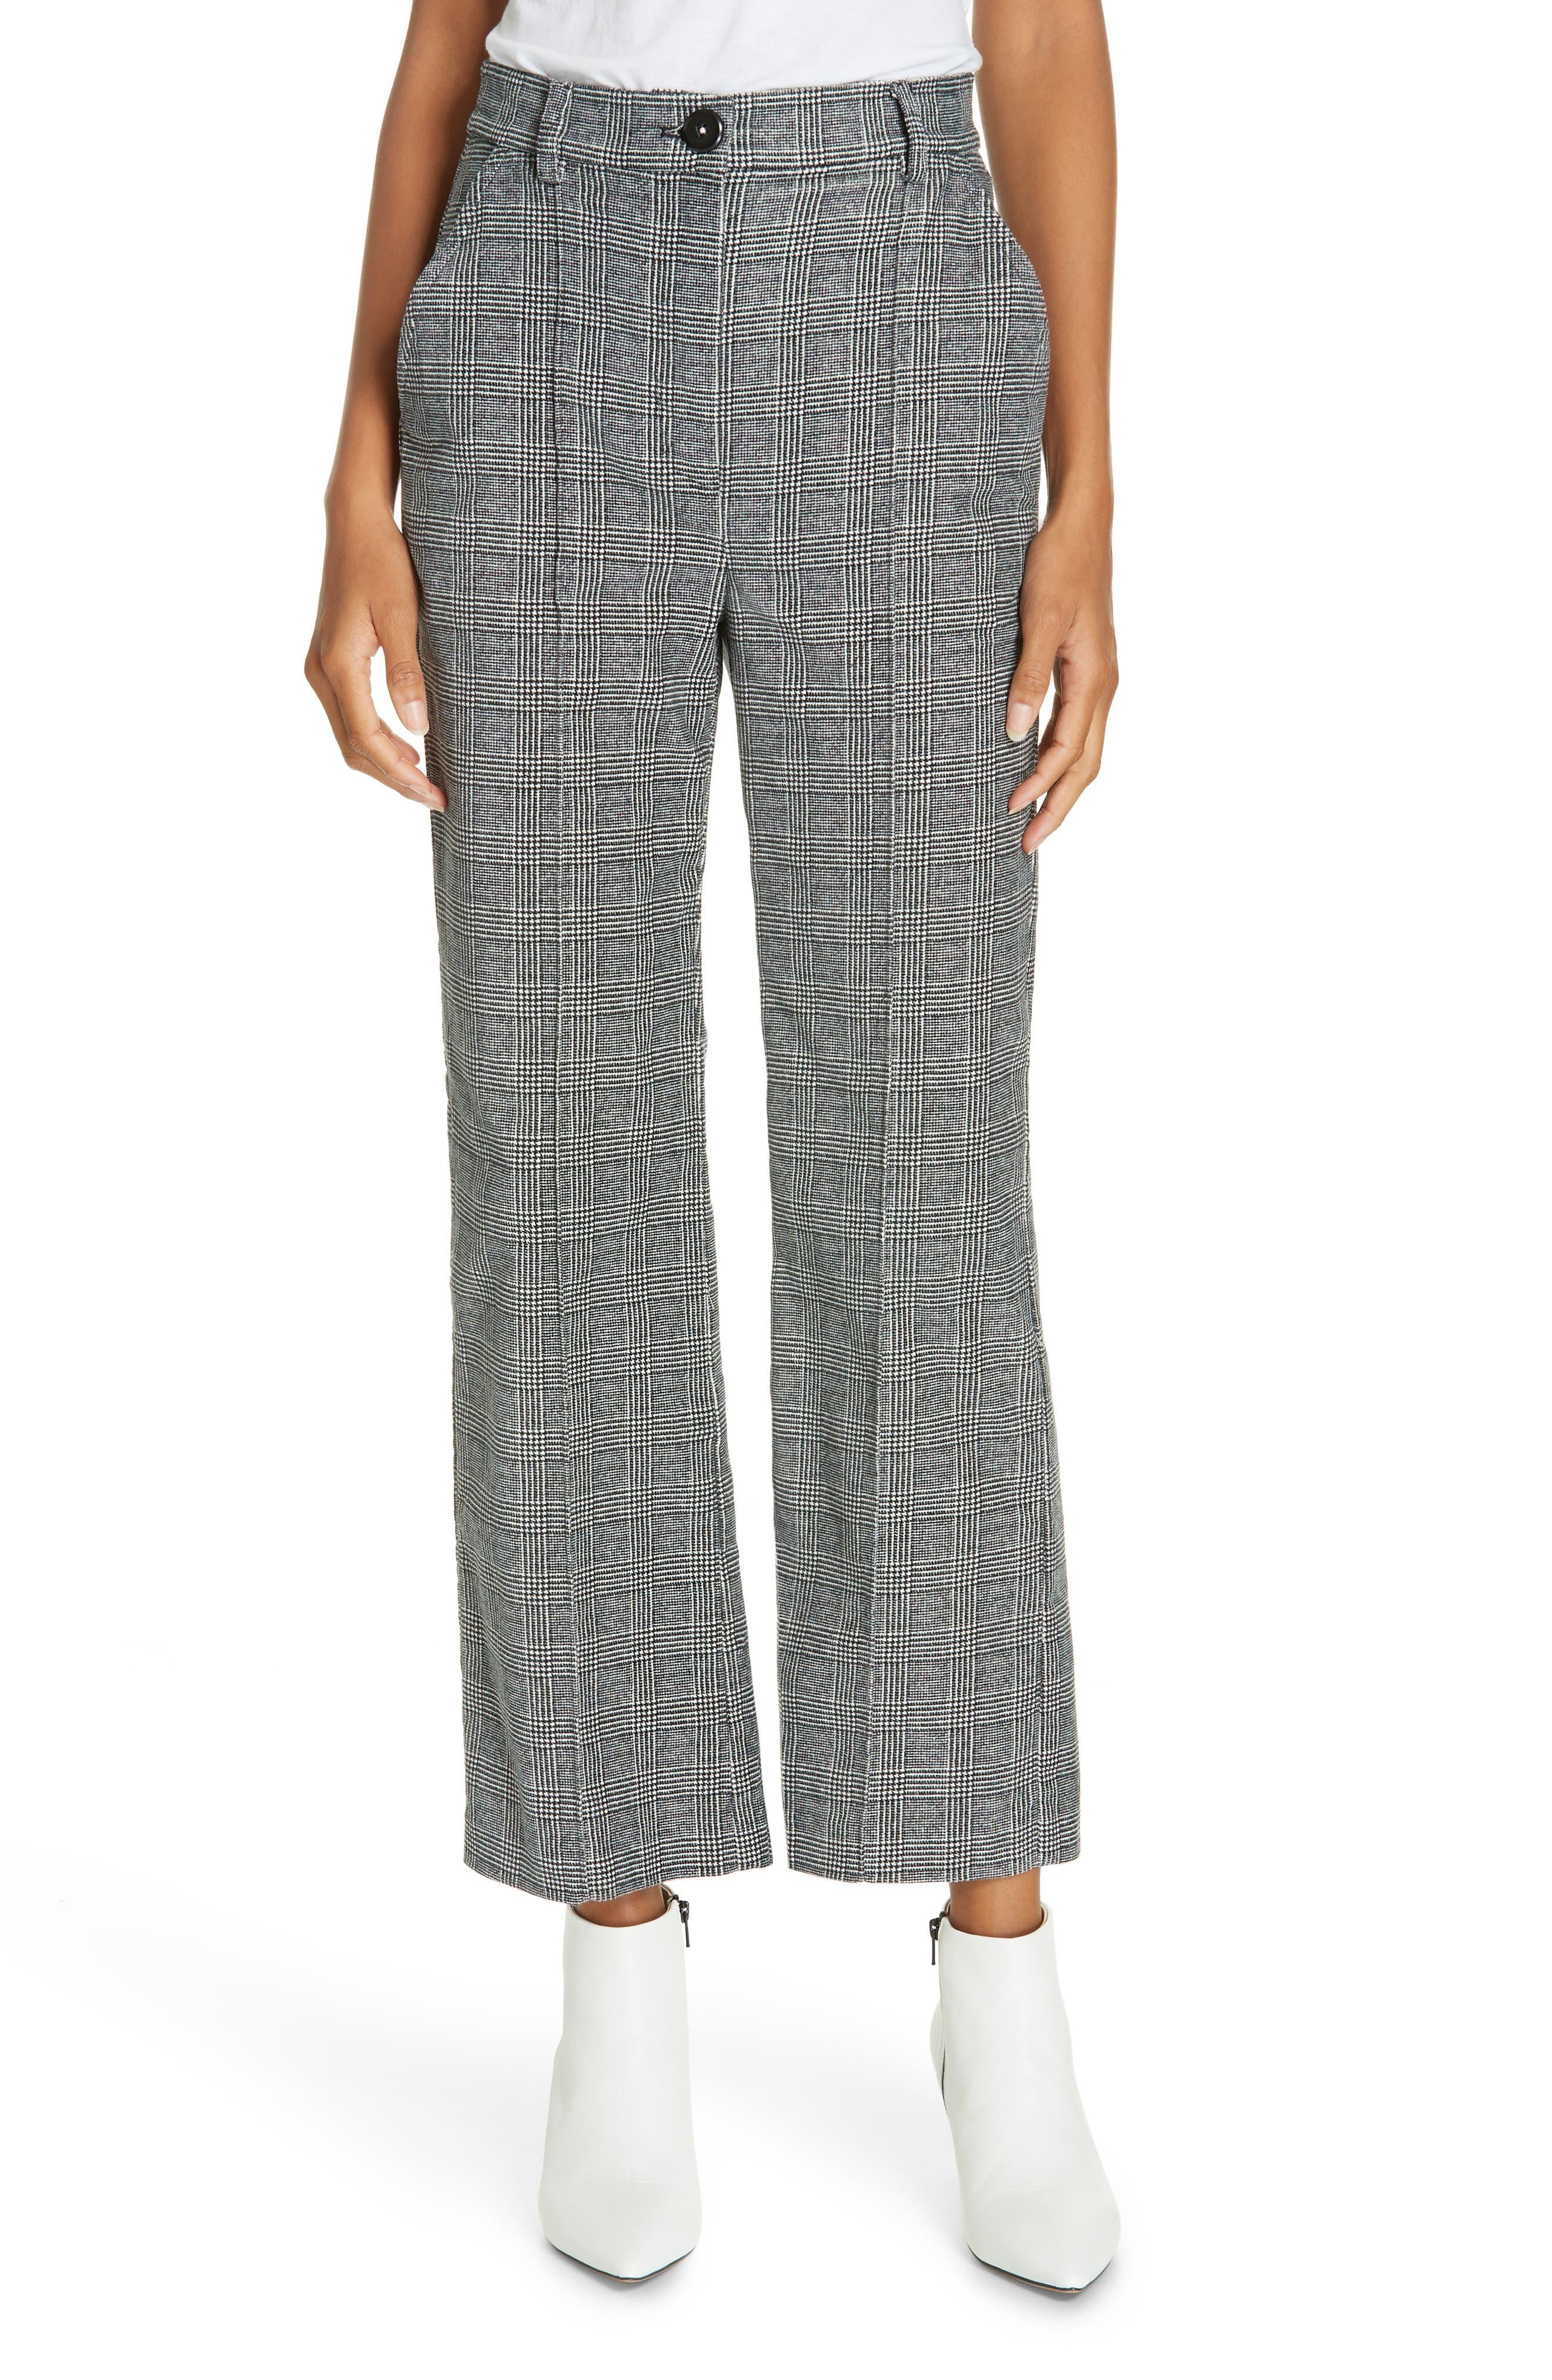 LA VIE REBECCA TAYLOR Glen Plaid Pants, Main, color, SAND COMBO